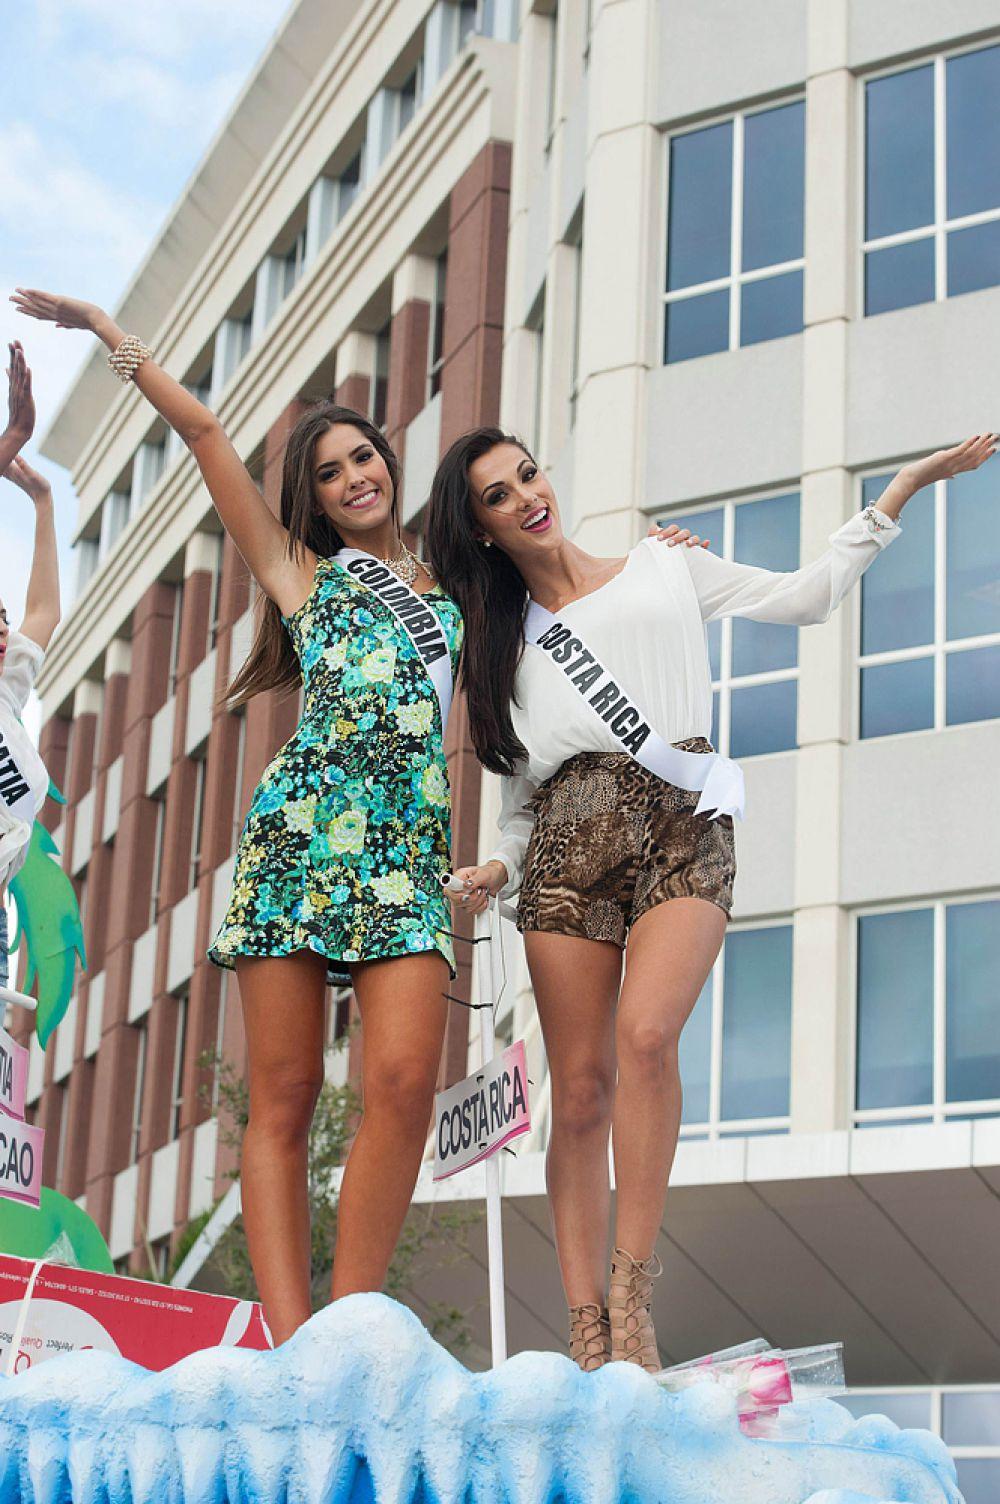 За конкурсом «Мисс Вселенная — 2014» следили во всем мире, его транслировали по телевидению и в Интернете.